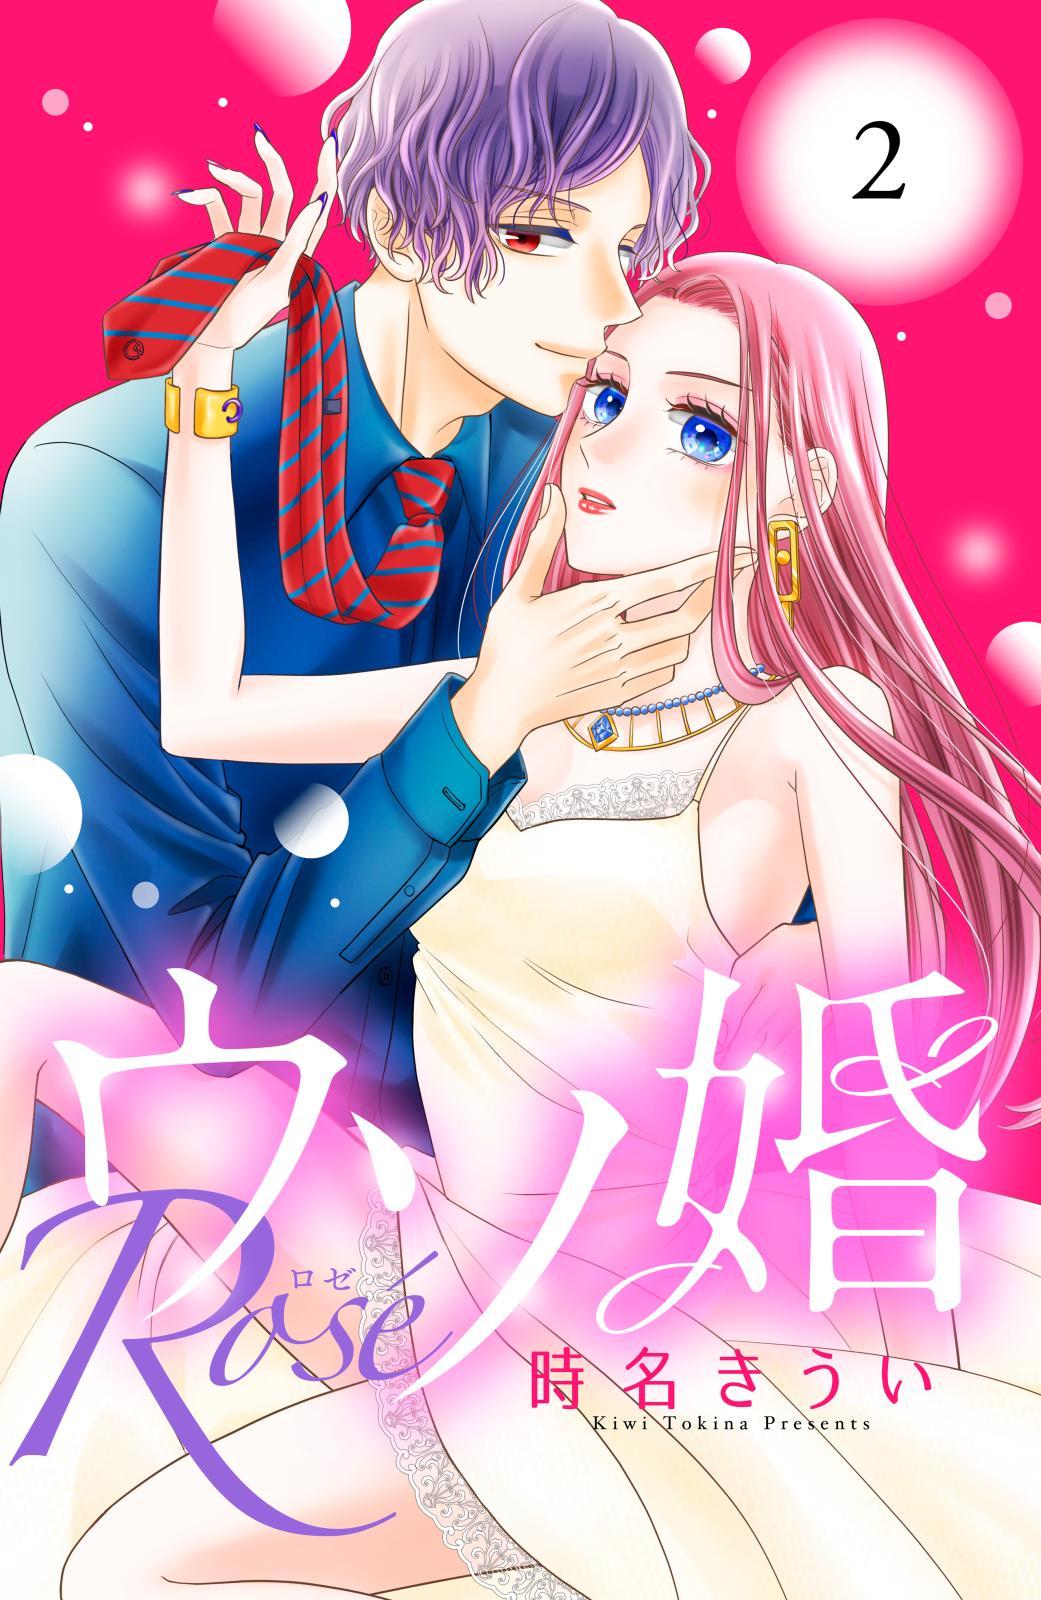 ウソ婚 Rose(3)